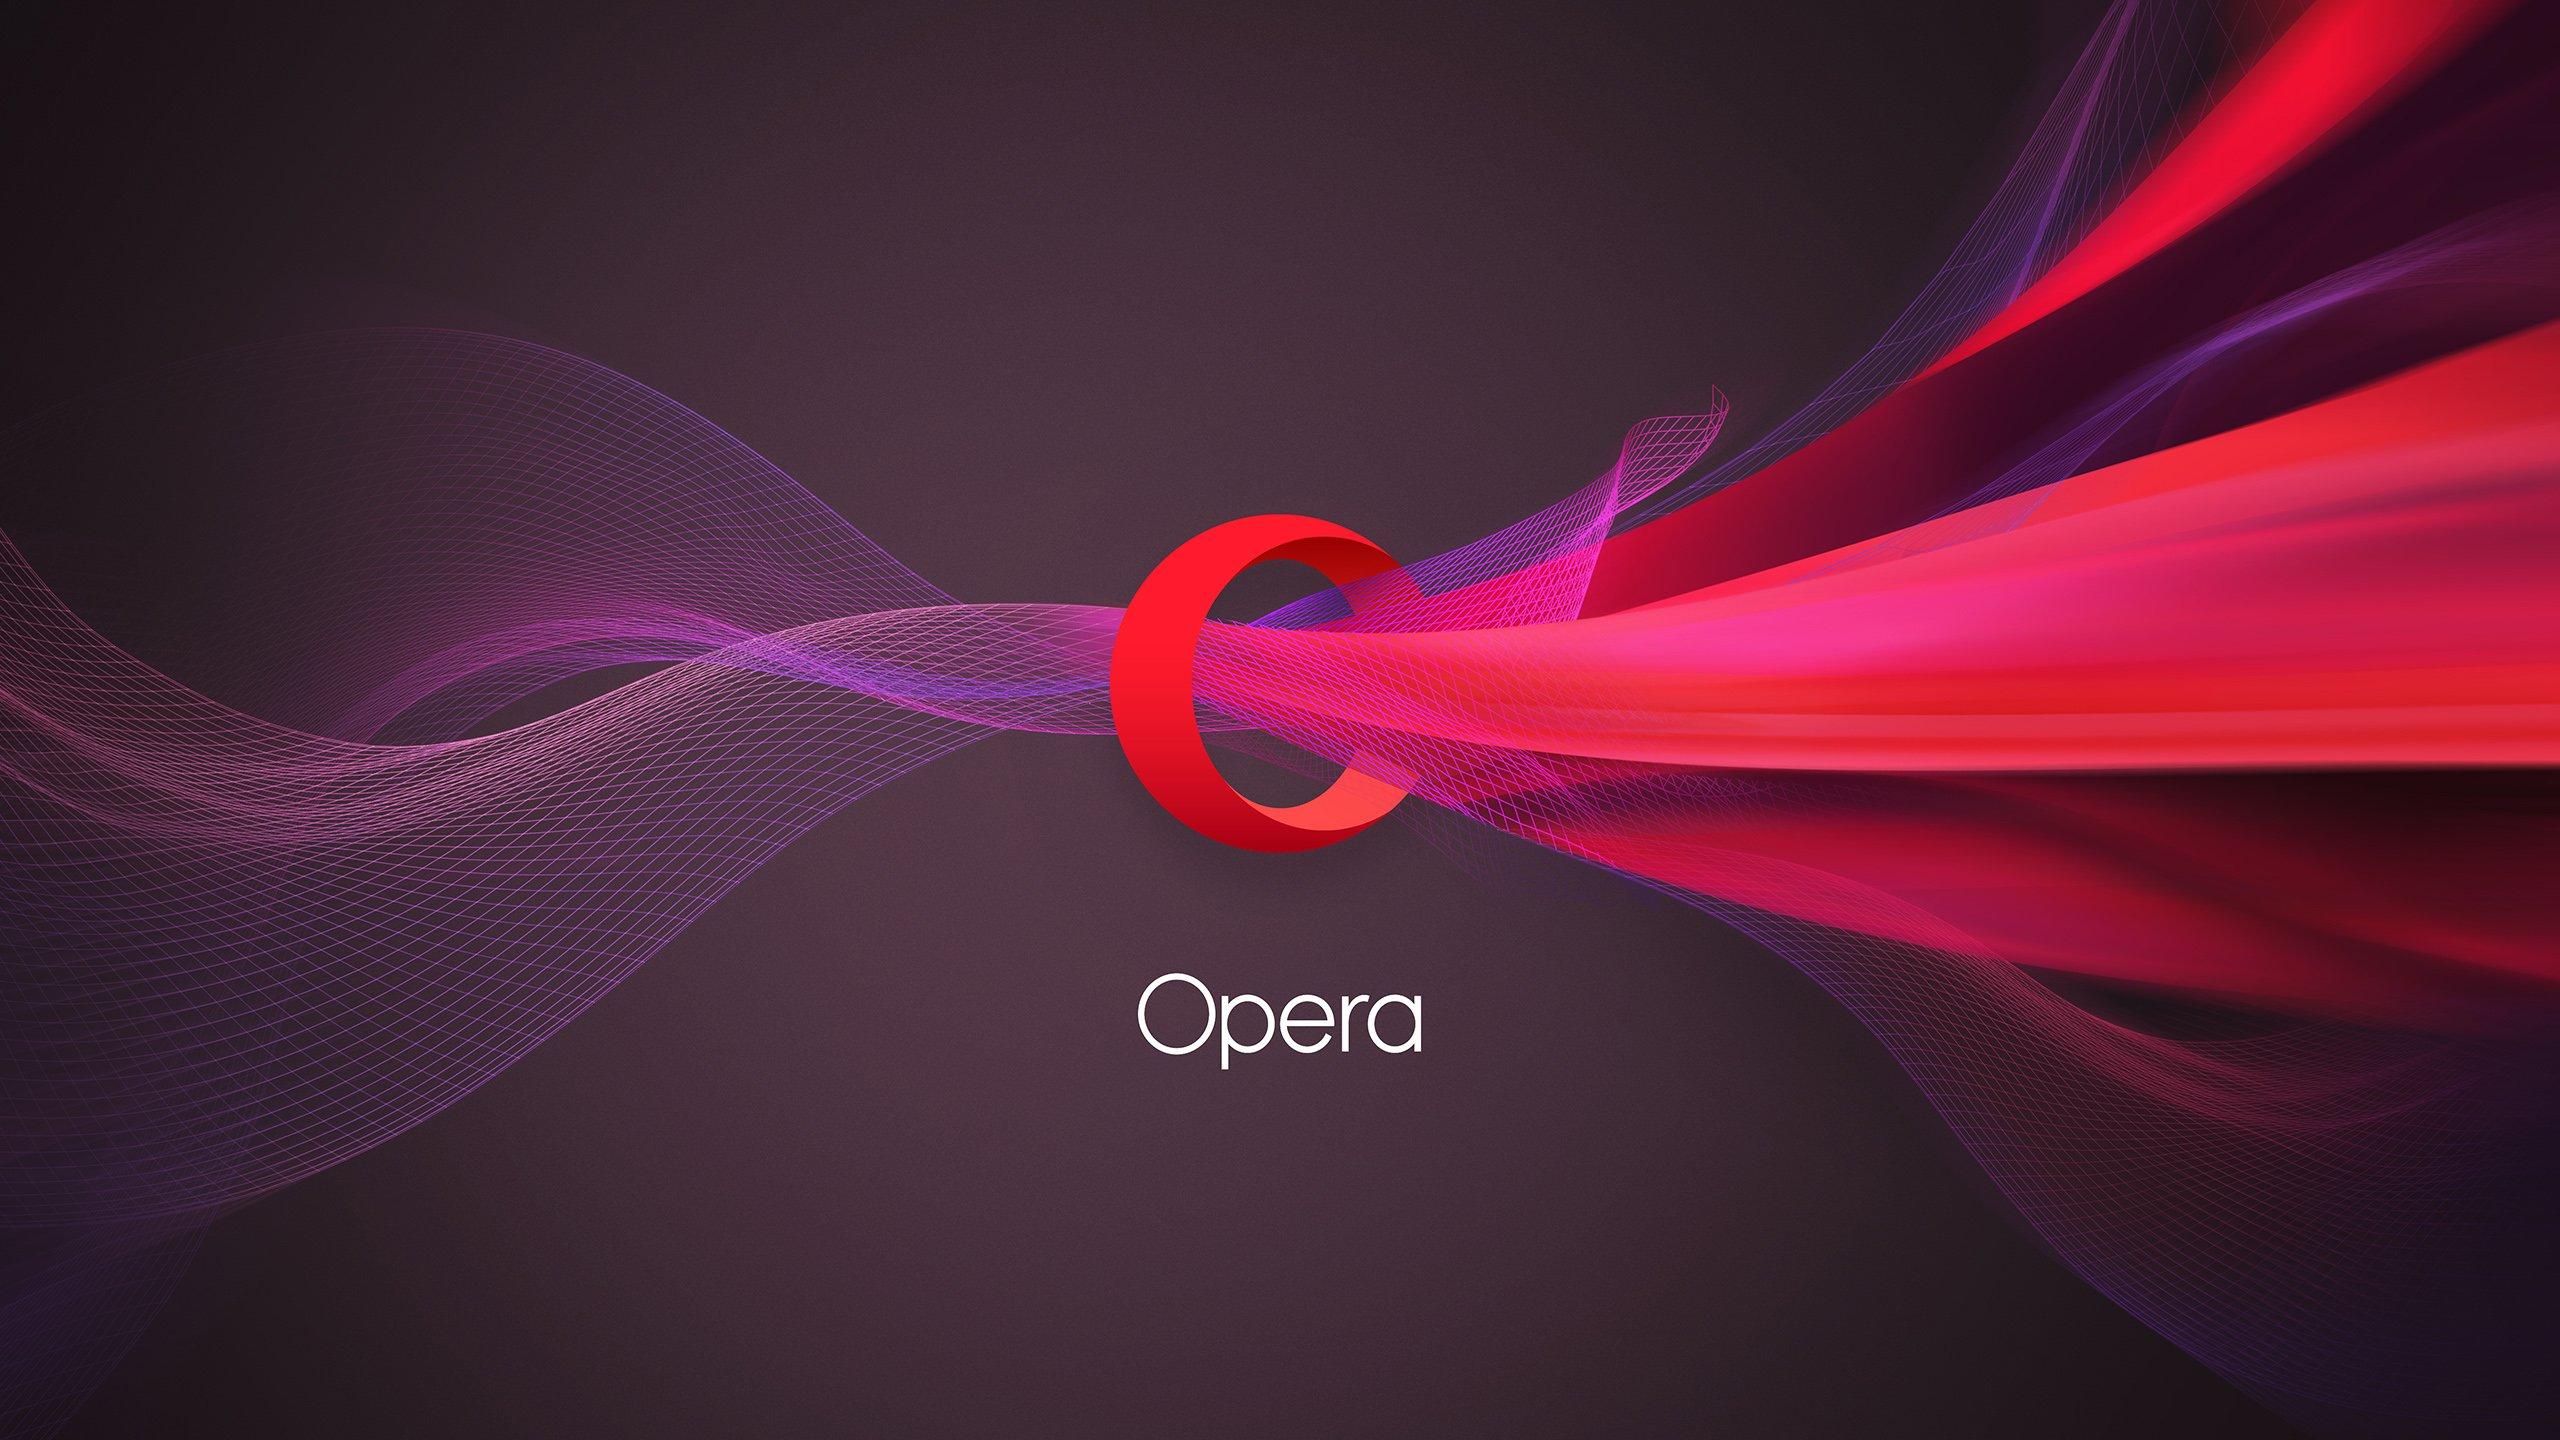 Właściciele Opery sprzedali część swojej firmy. Przeglądarka ma jednak pozostać na rynku 22